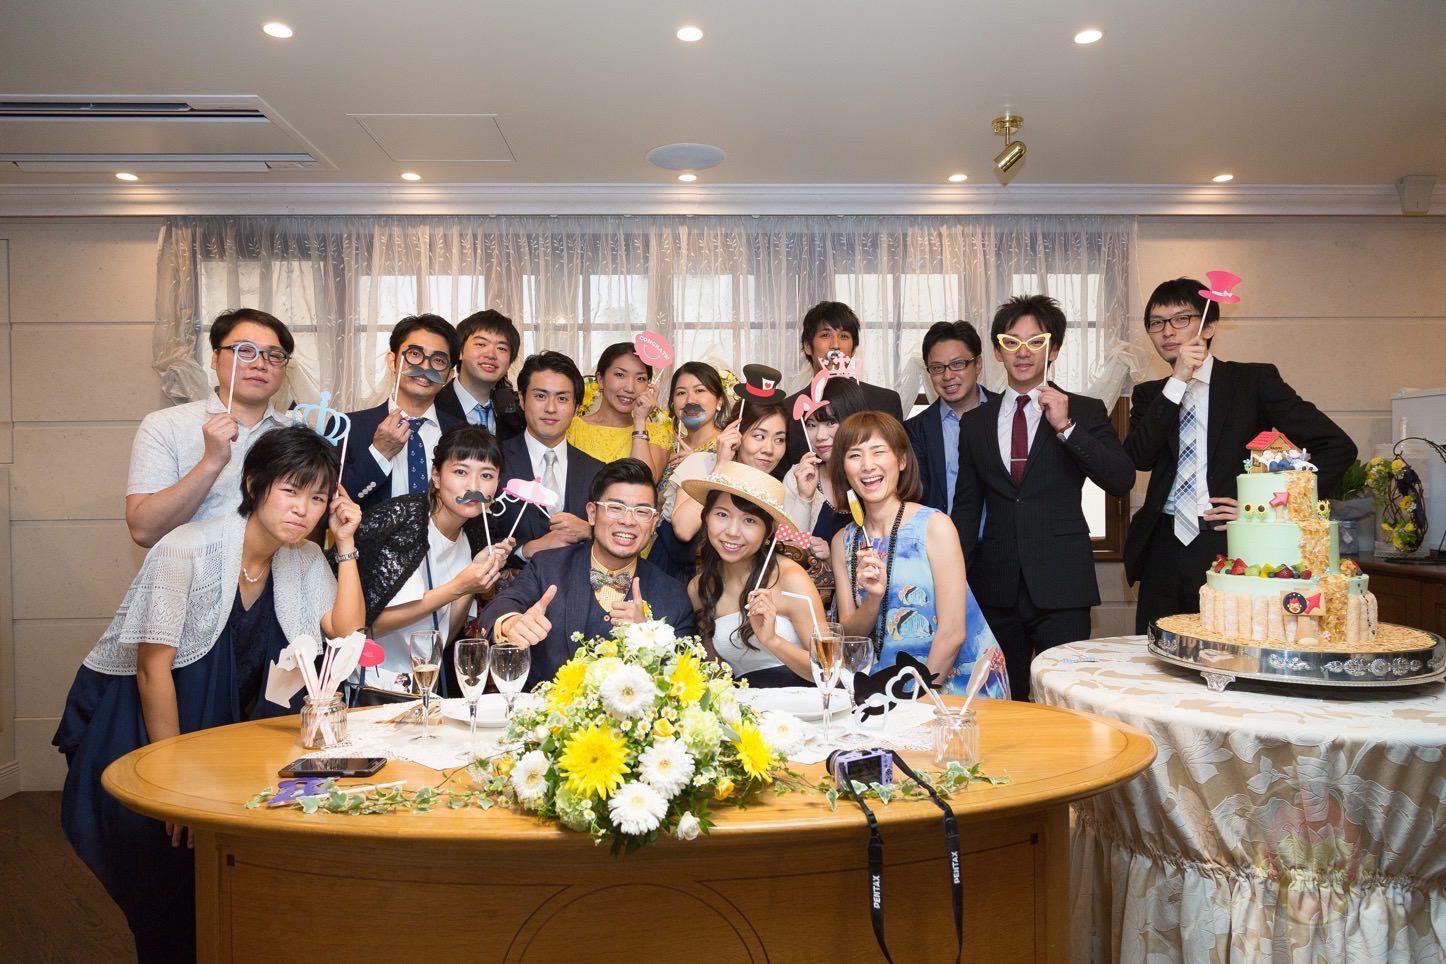 Hanzoya-Wedding-GoriMeYomeMe-119.jpg